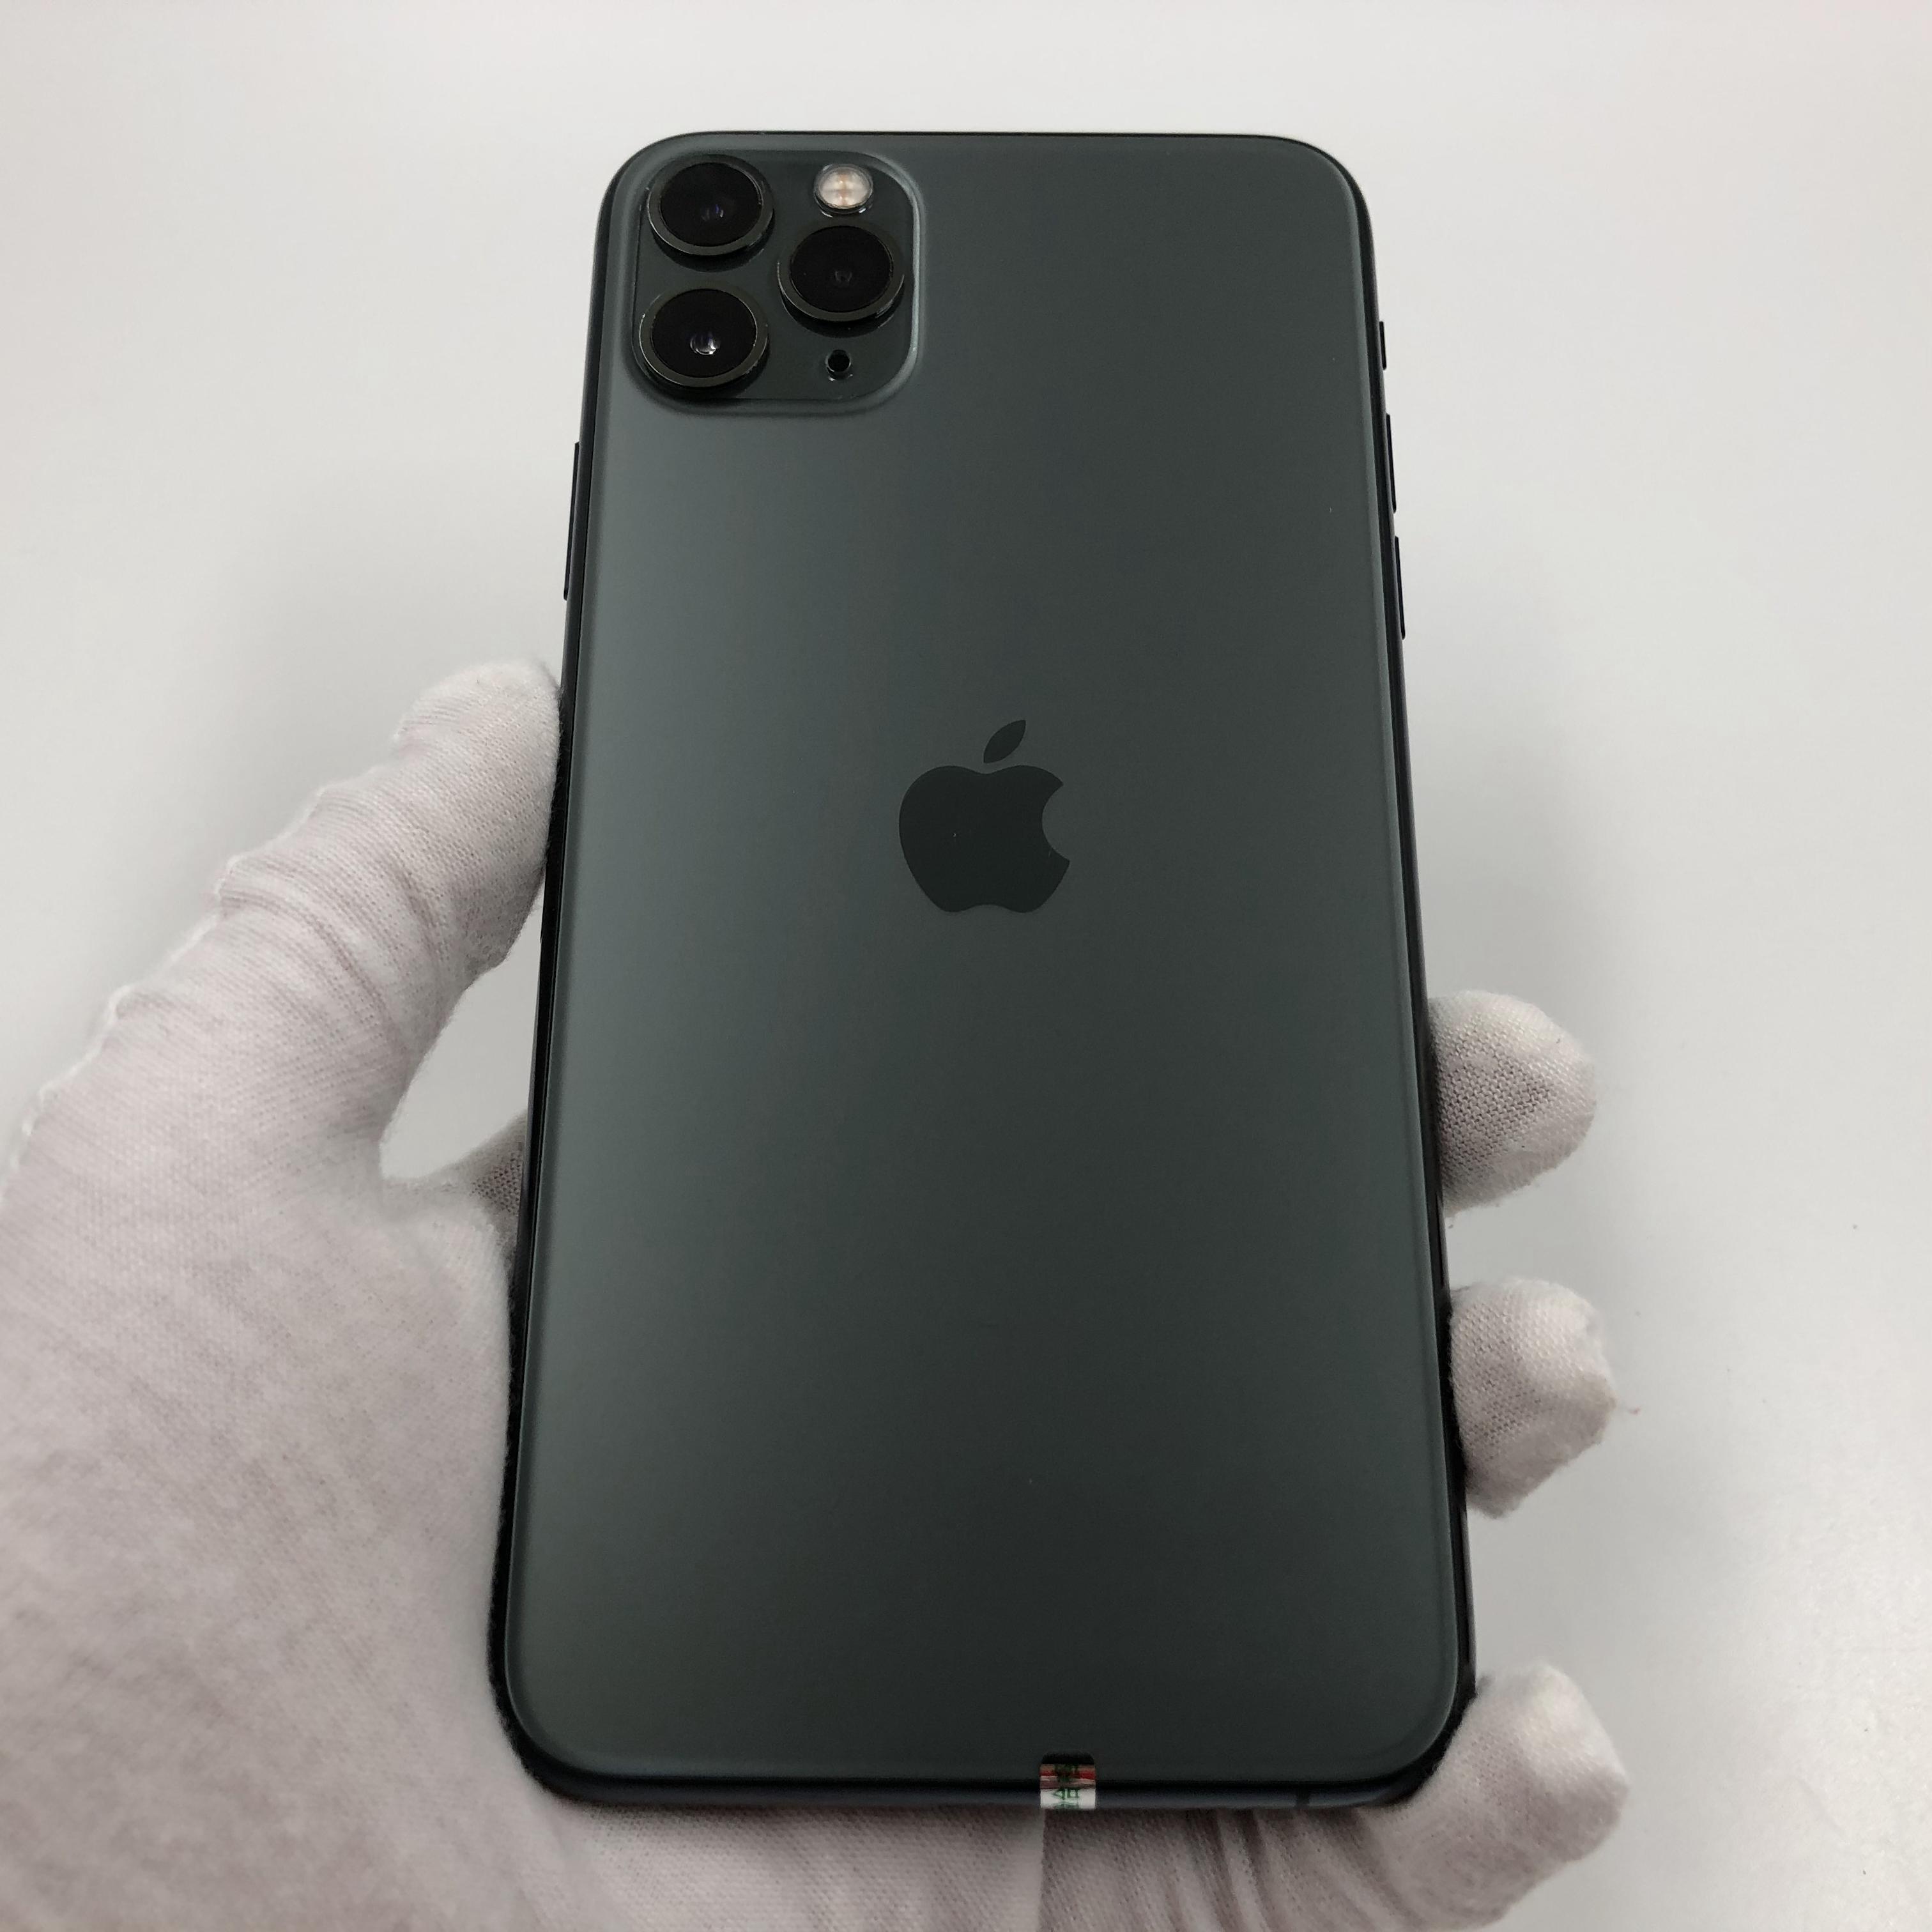 苹果【iPhone 11 Pro Max】4G全网通 暗夜绿色 64G 国行 9成新 真机实拍